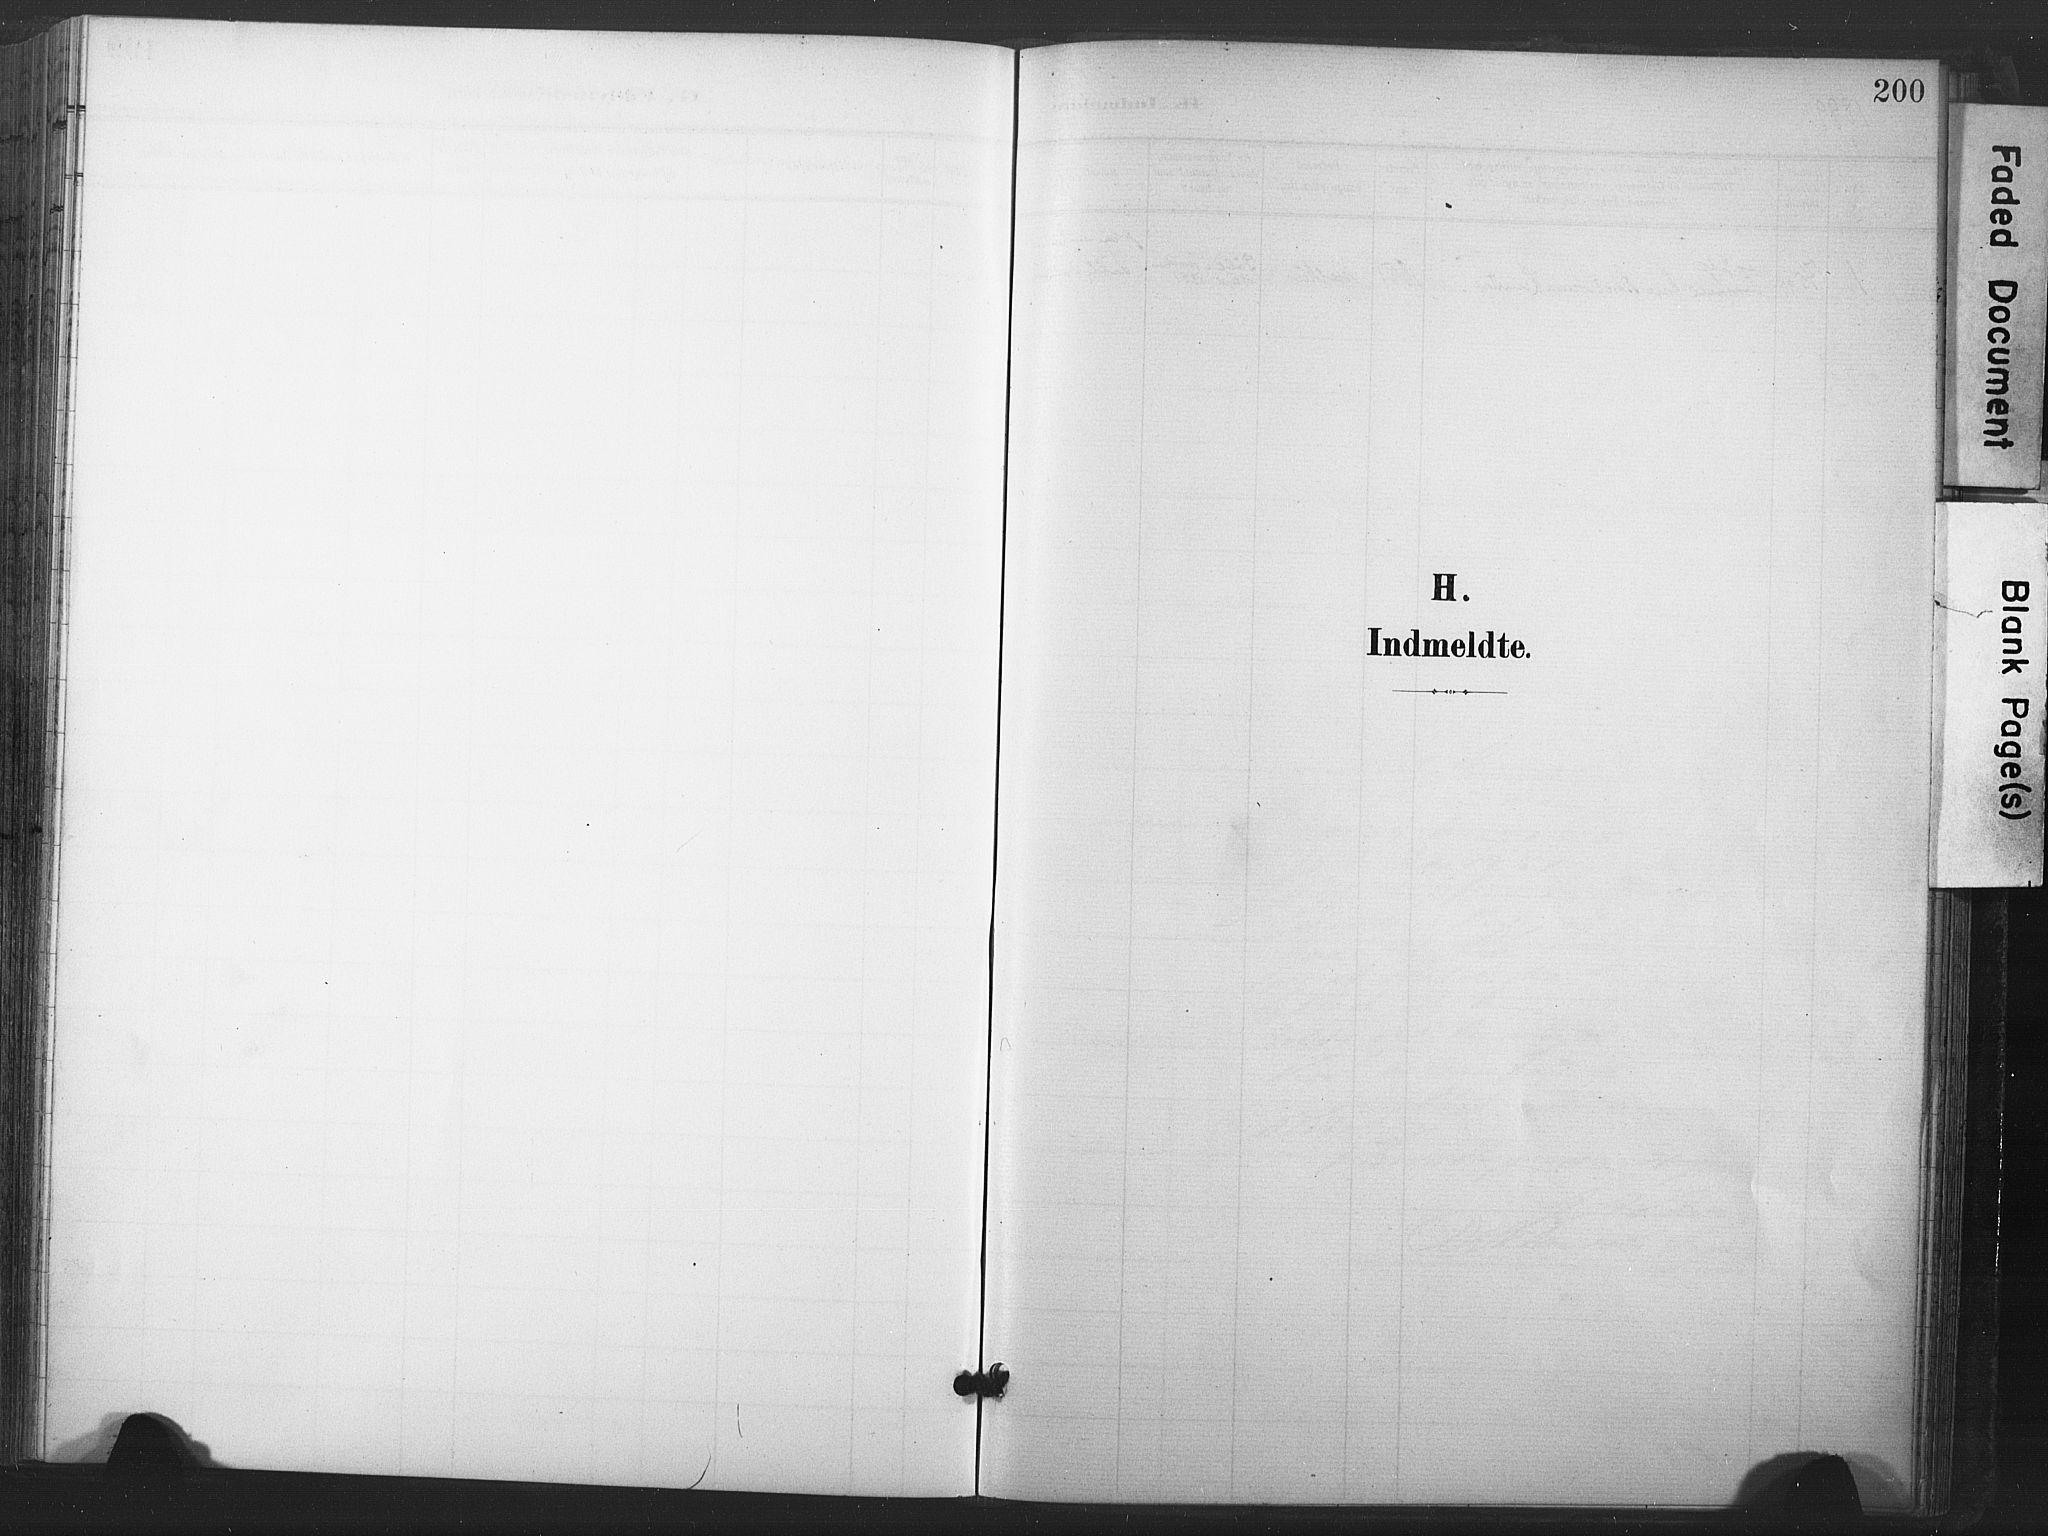 SAT, Ministerialprotokoller, klokkerbøker og fødselsregistre - Nord-Trøndelag, 713/L0122: Ministerialbok nr. 713A11, 1899-1910, s. 200